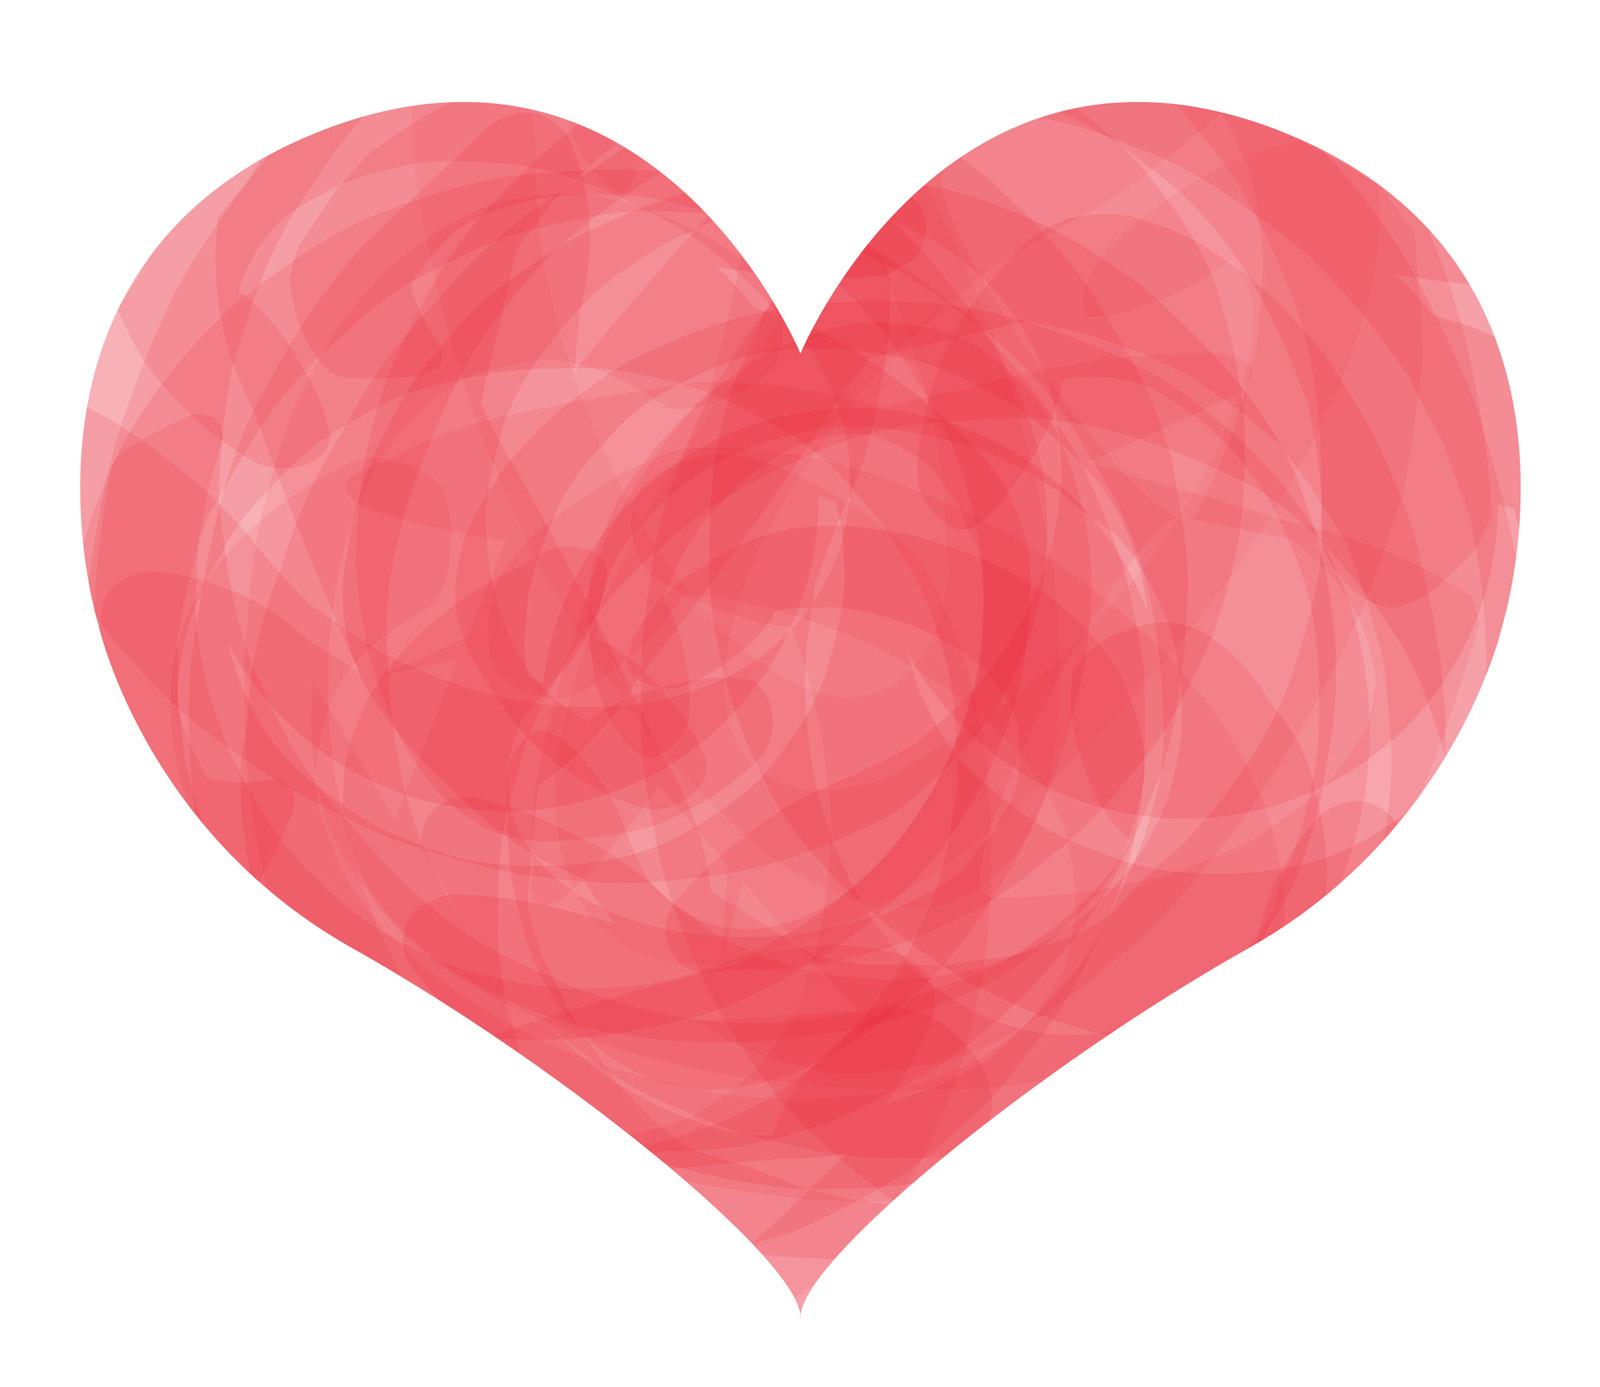 認知症高齢者でも恋はする。恋愛感情が症状にプラスに働いた例